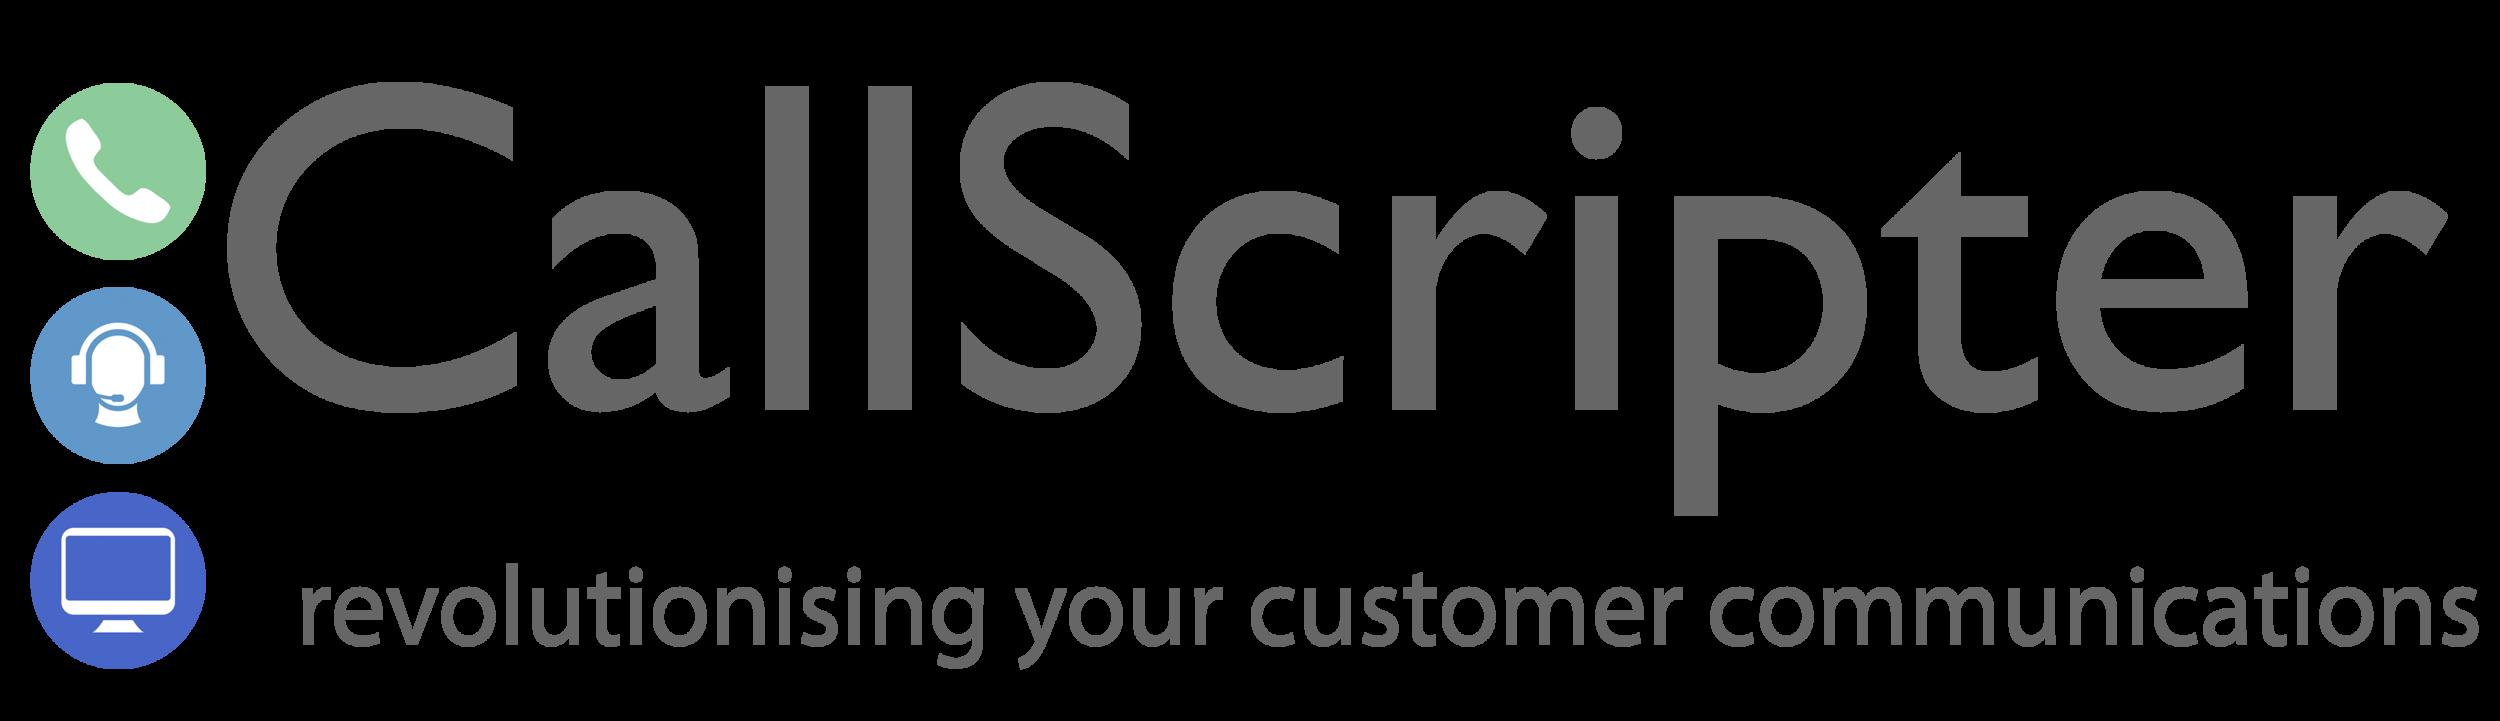 2015 CallScripter Logo.png